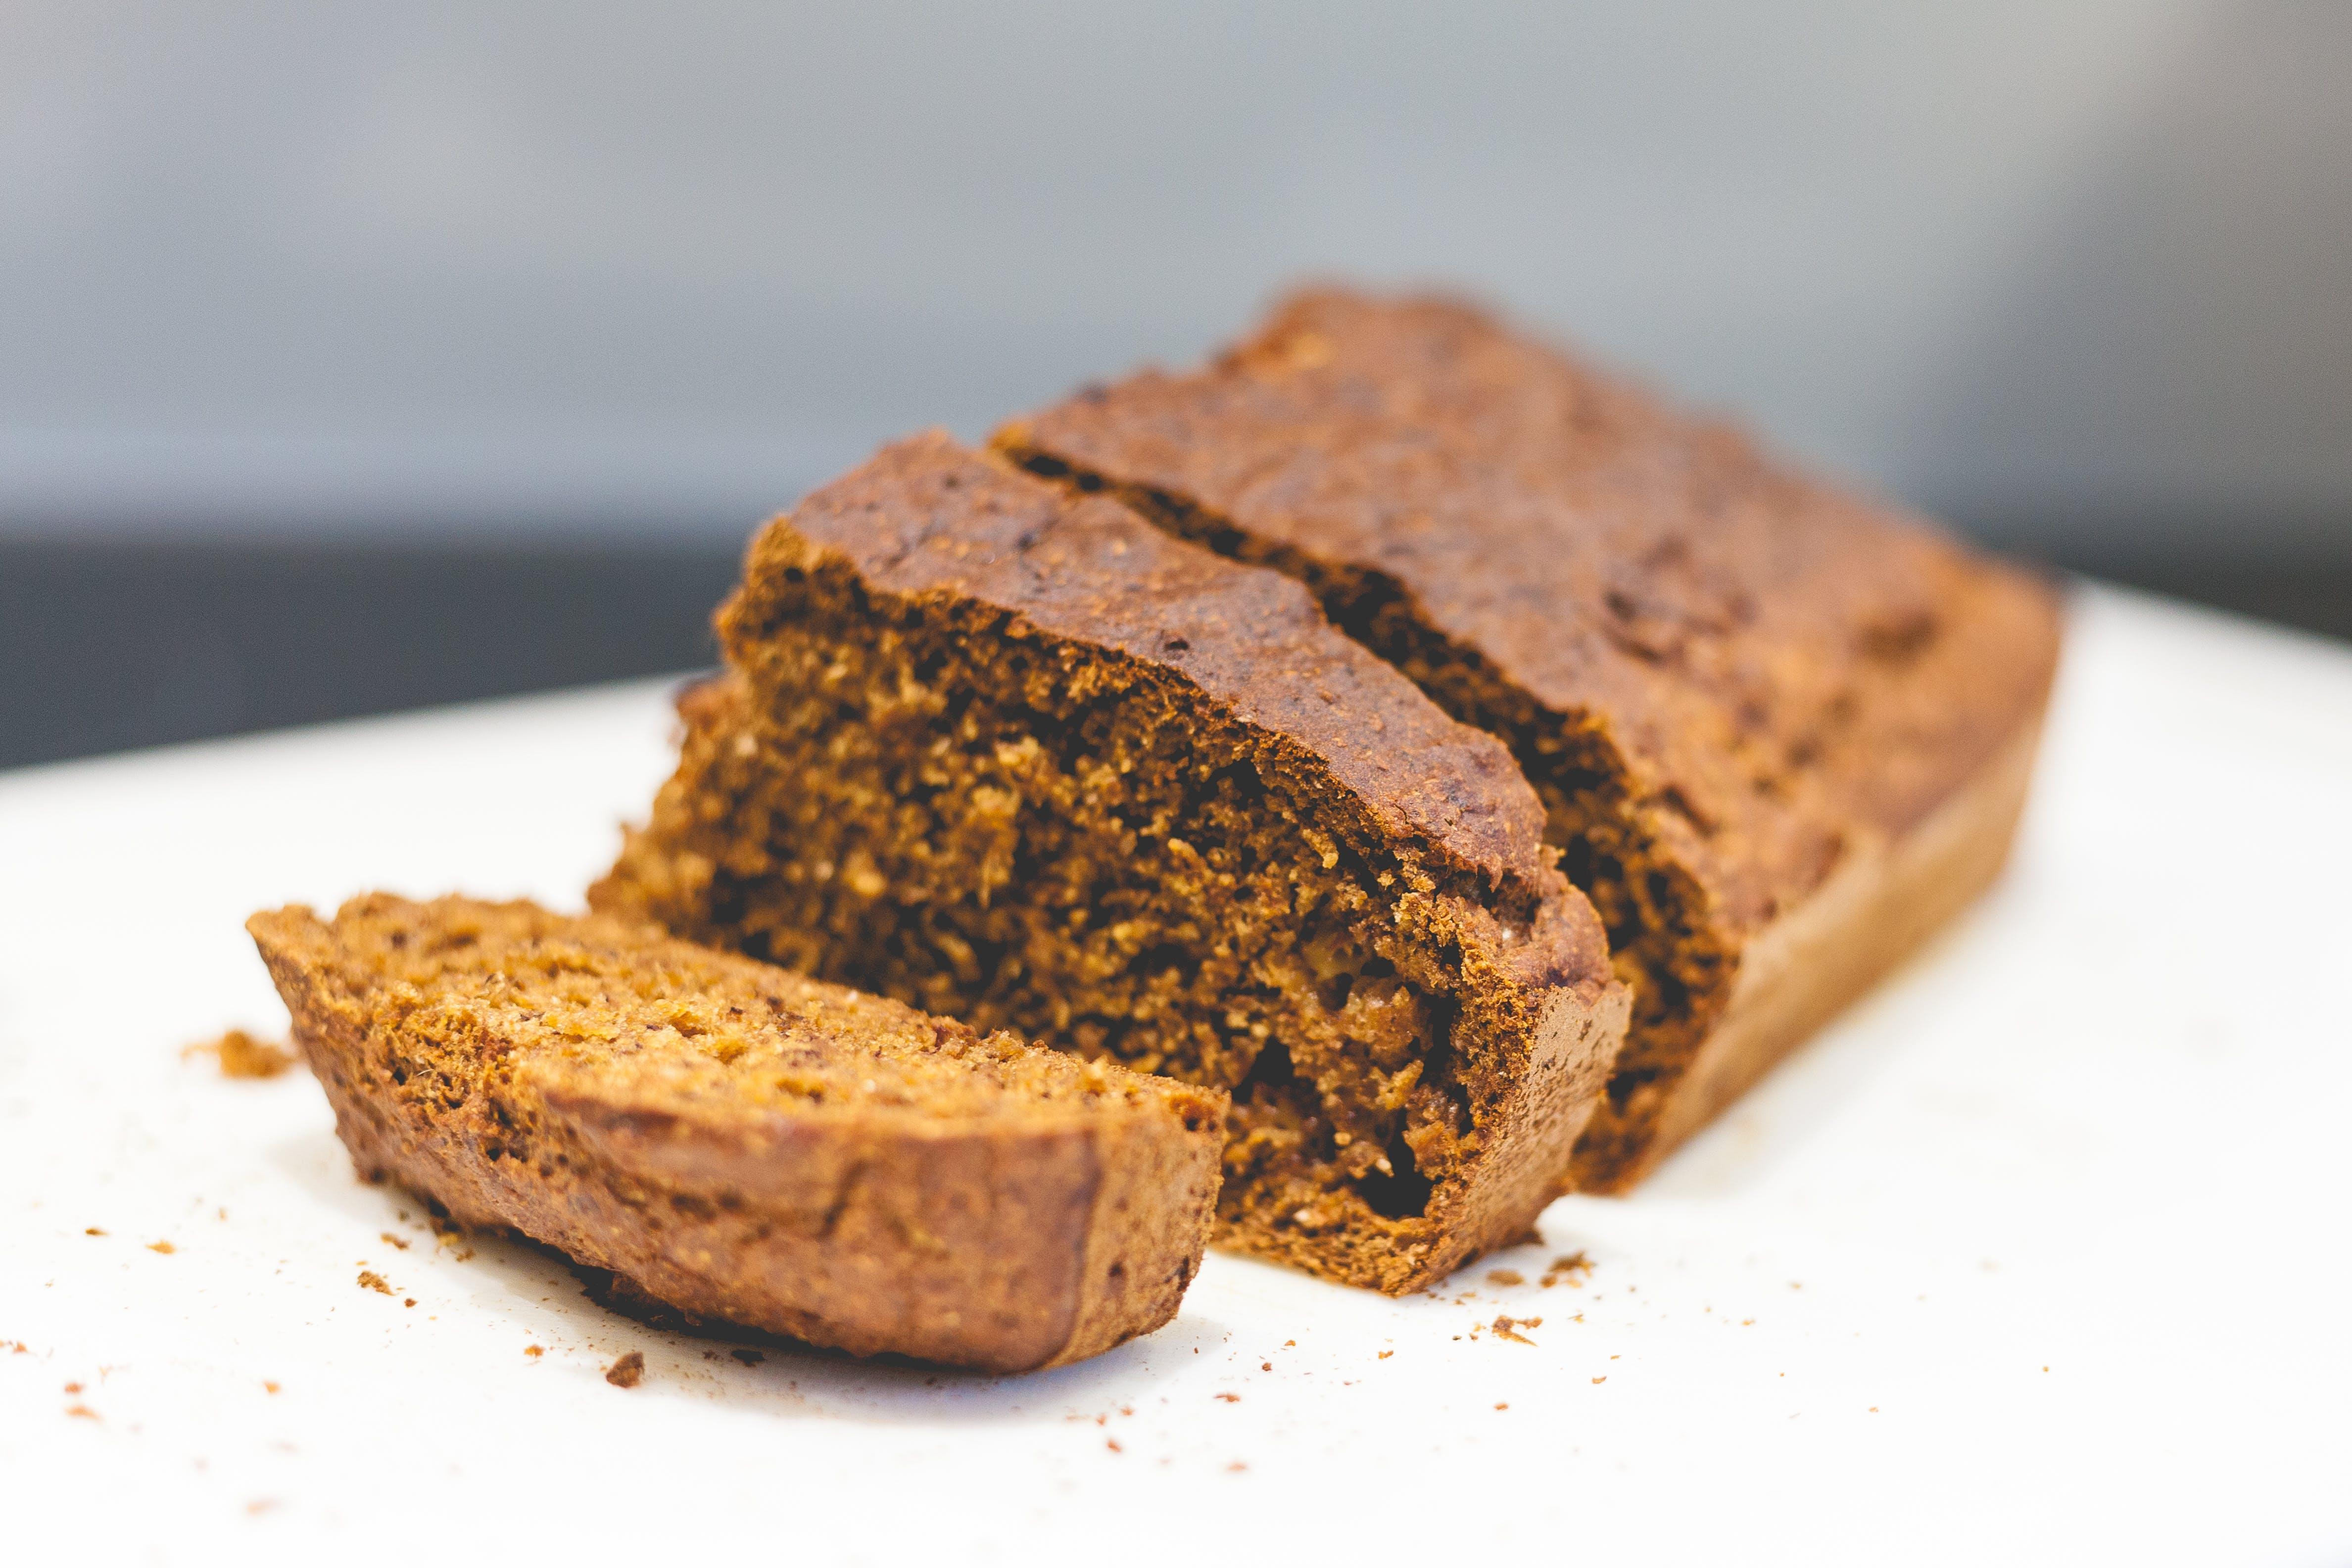 Gratis arkivbilde med bake, bakt, bakverk, brownies